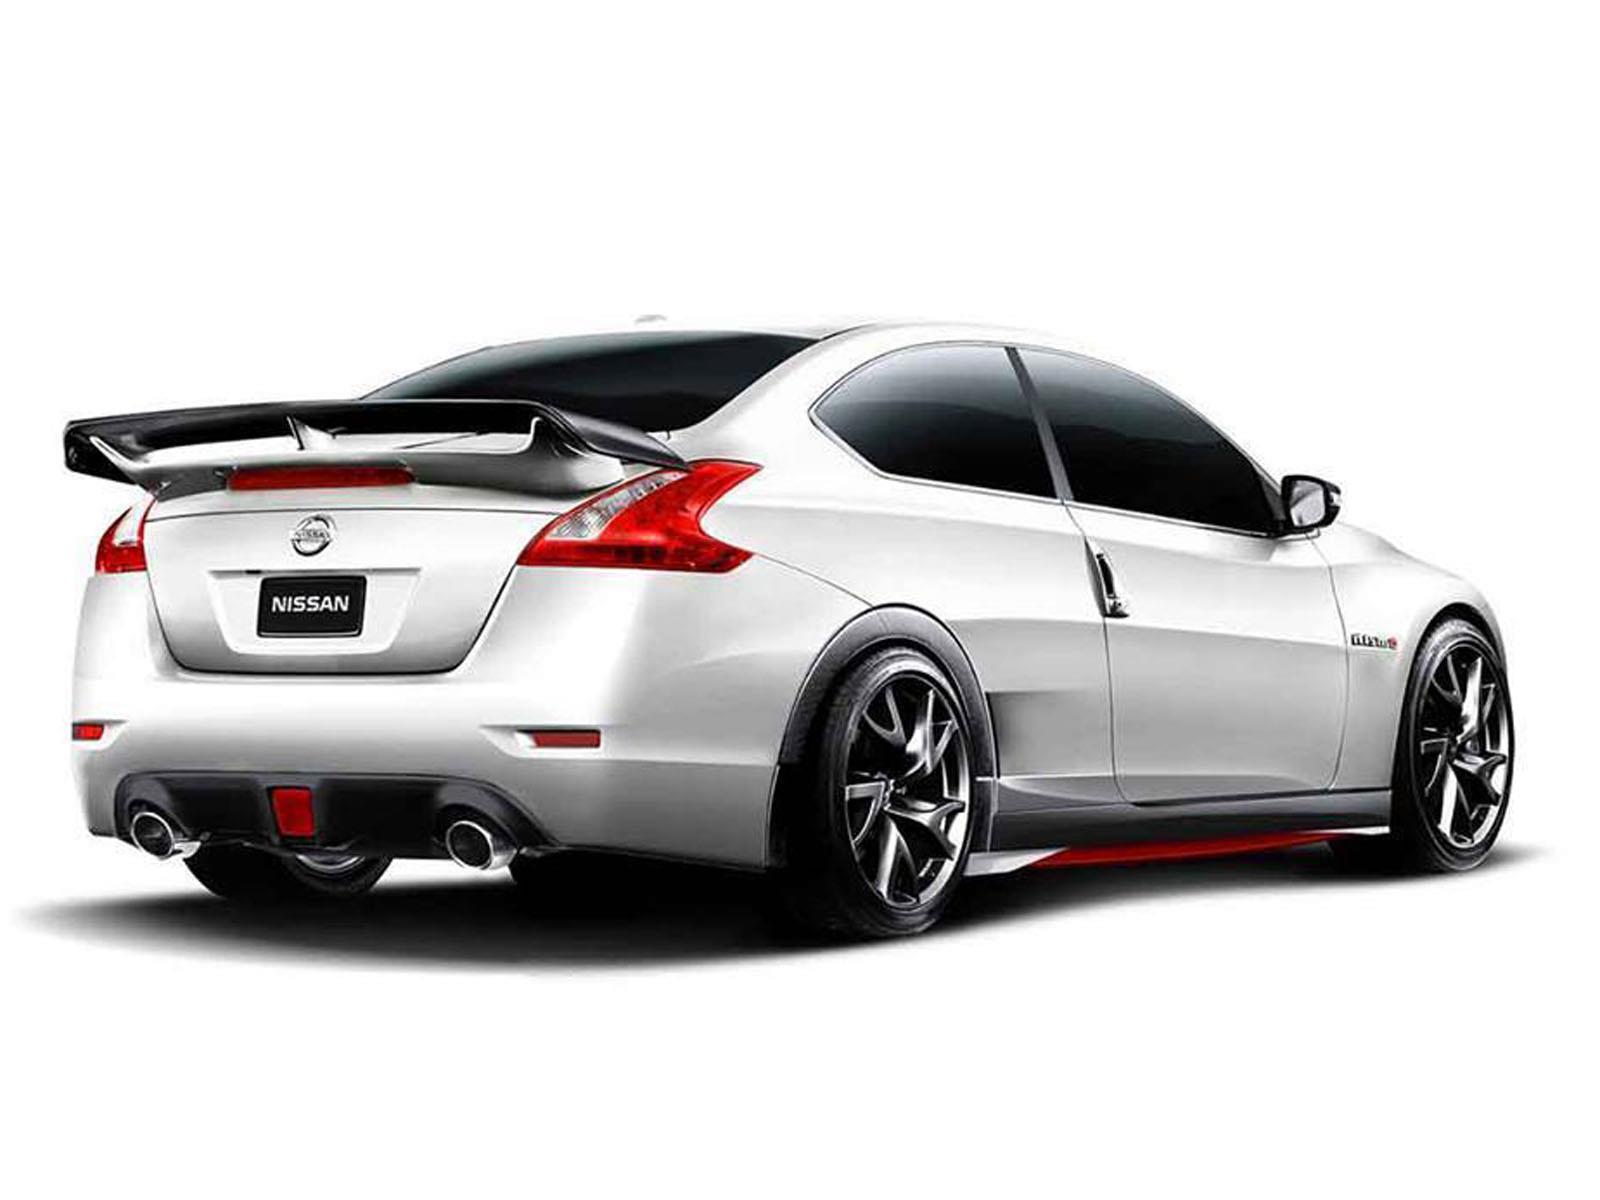 Nismo Hace Mashup Con Modelos De Nissan Autocosmos Com